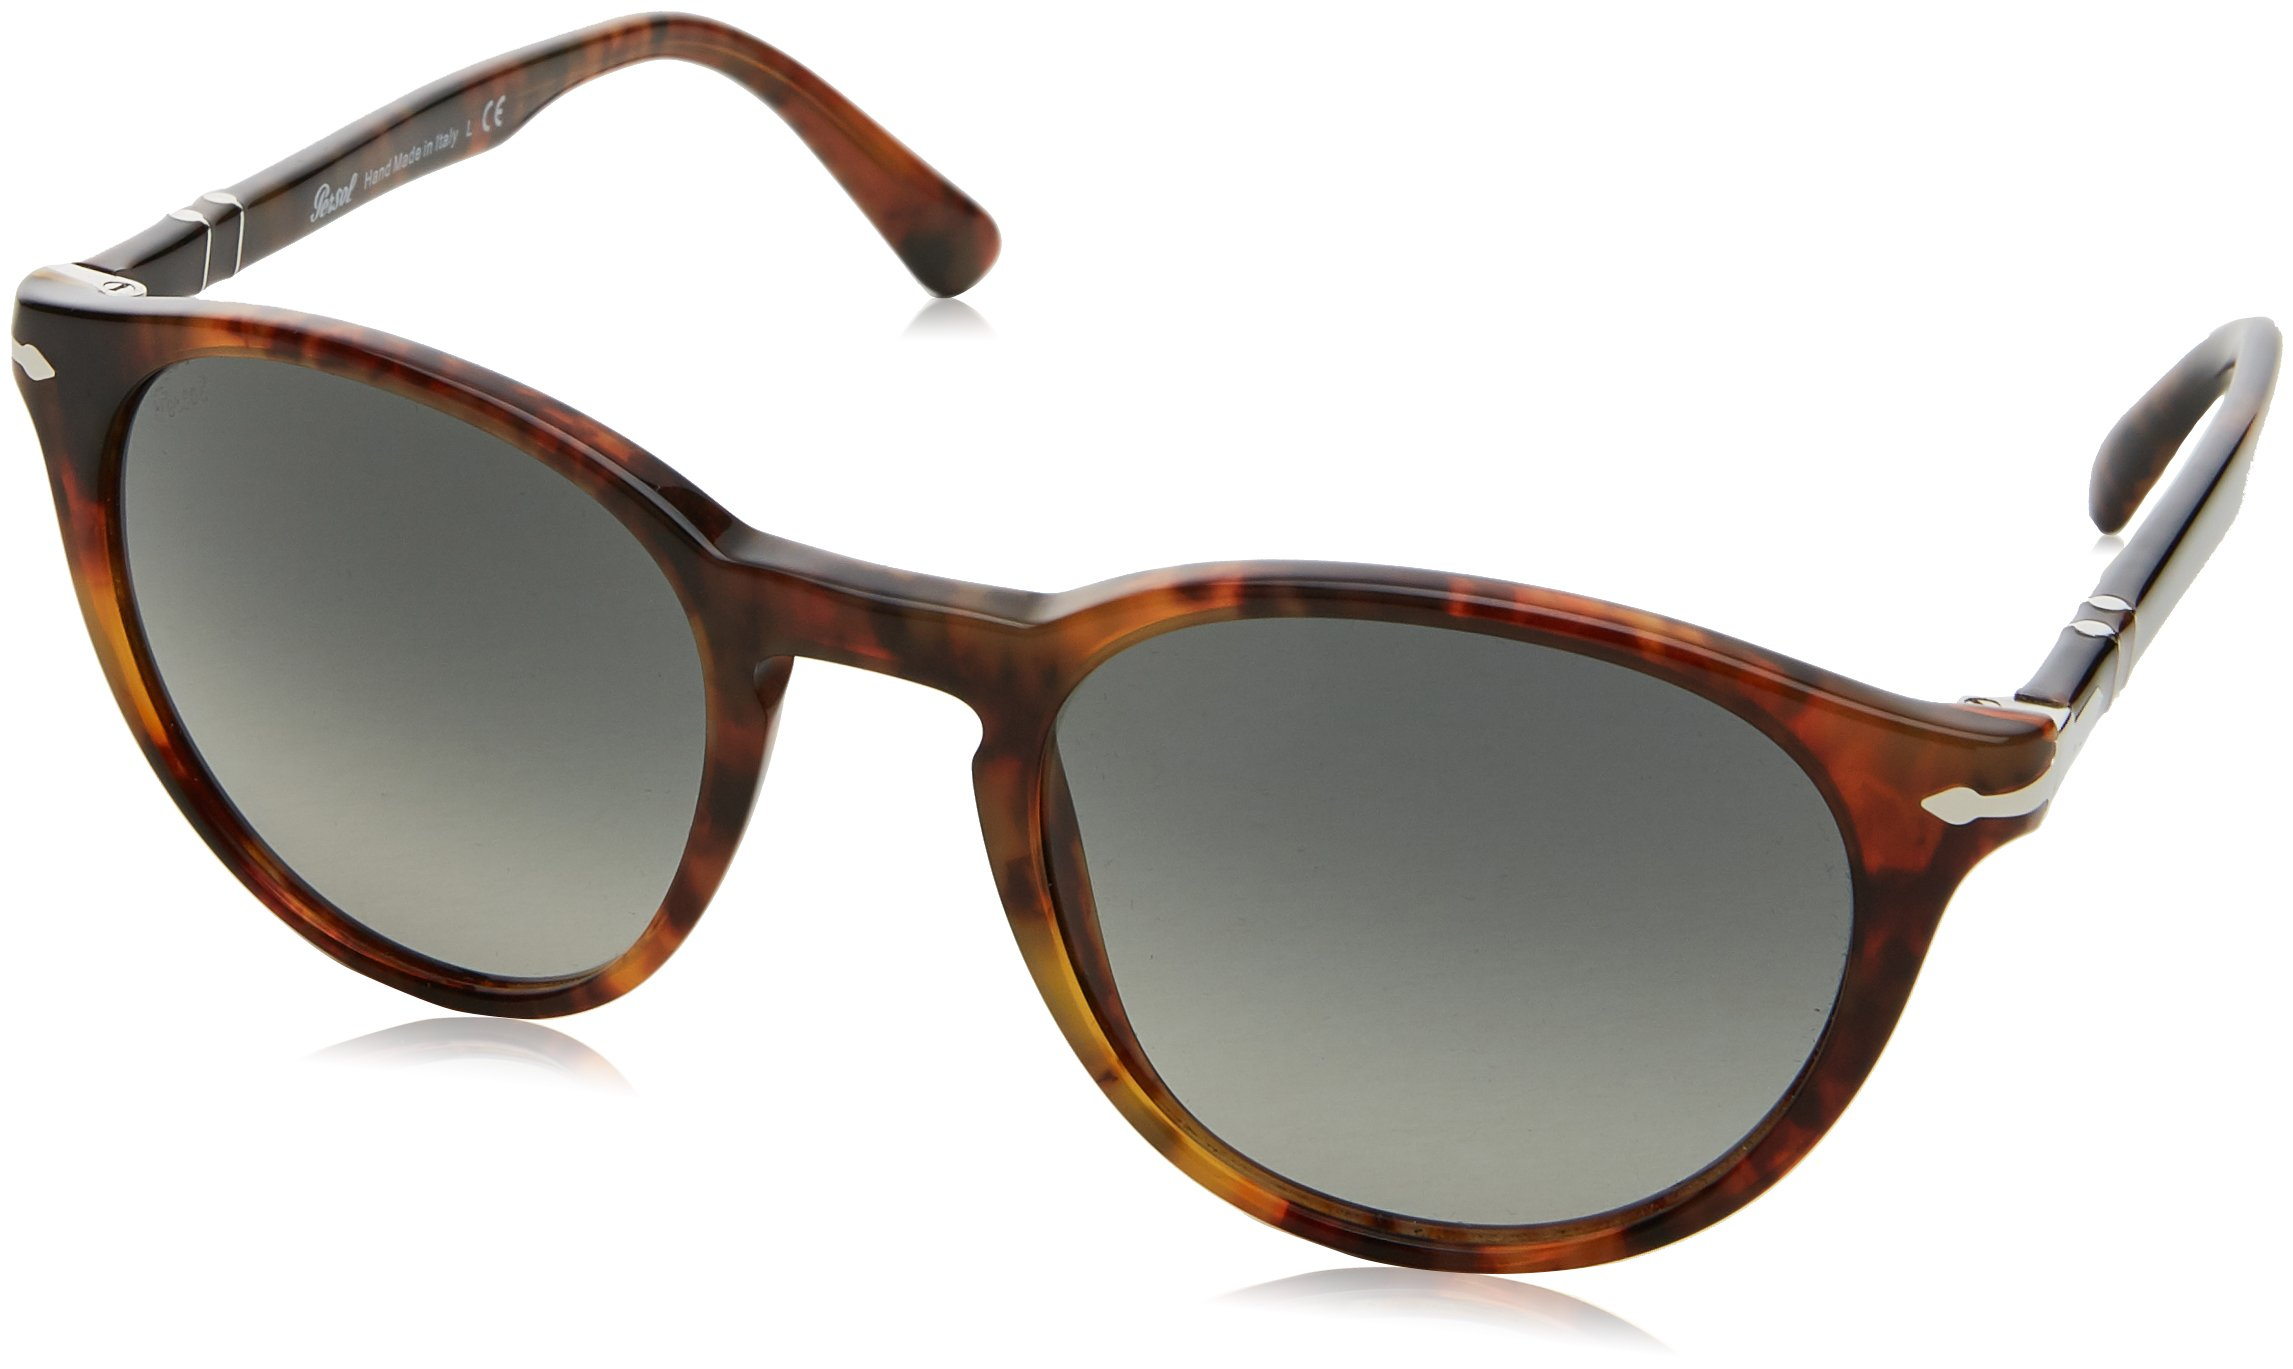 f9bf79a6e0 Persol Men s PO3152S Sunglasses Caffe  Gradient Grey 52mm